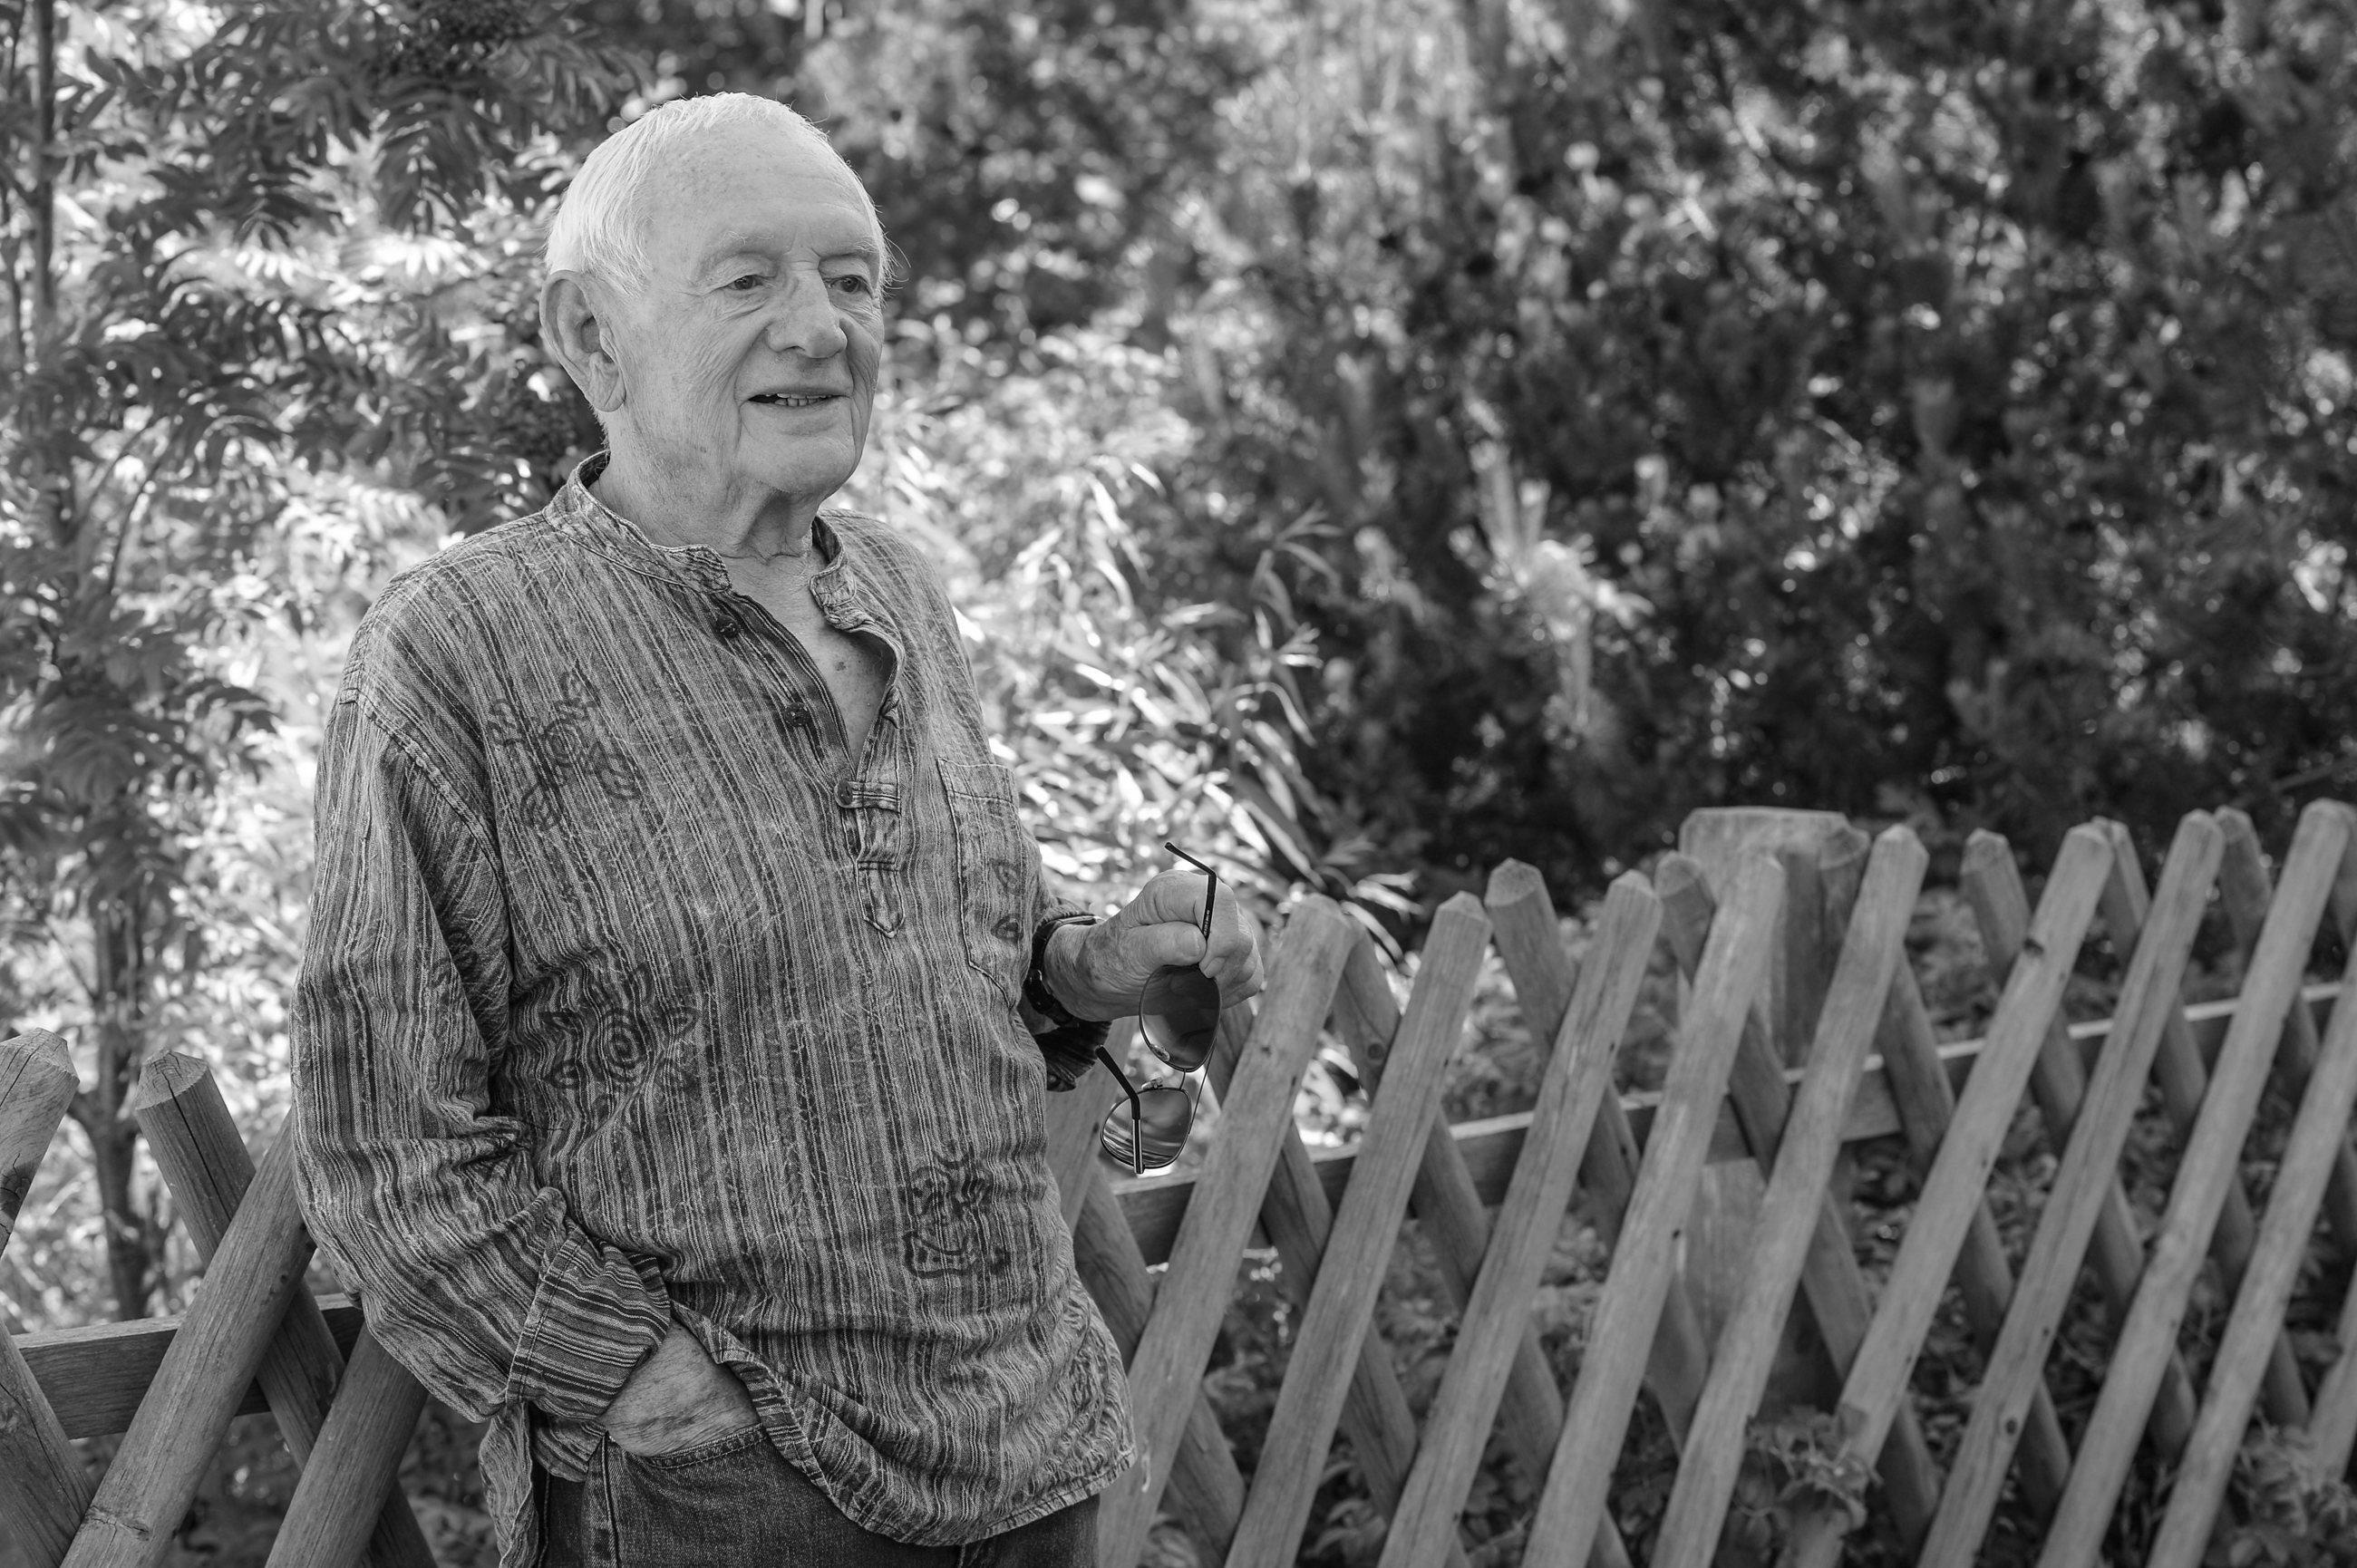 """Witold Pyrkosz – polski aktor teatralny i filmowy. Znany między innymi z ról w serialu """"Czterej pancerni i pies"""", """"Janosik"""" czy """"M jak Miłość"""". Zmarł 22 kwietnia 2017 r."""